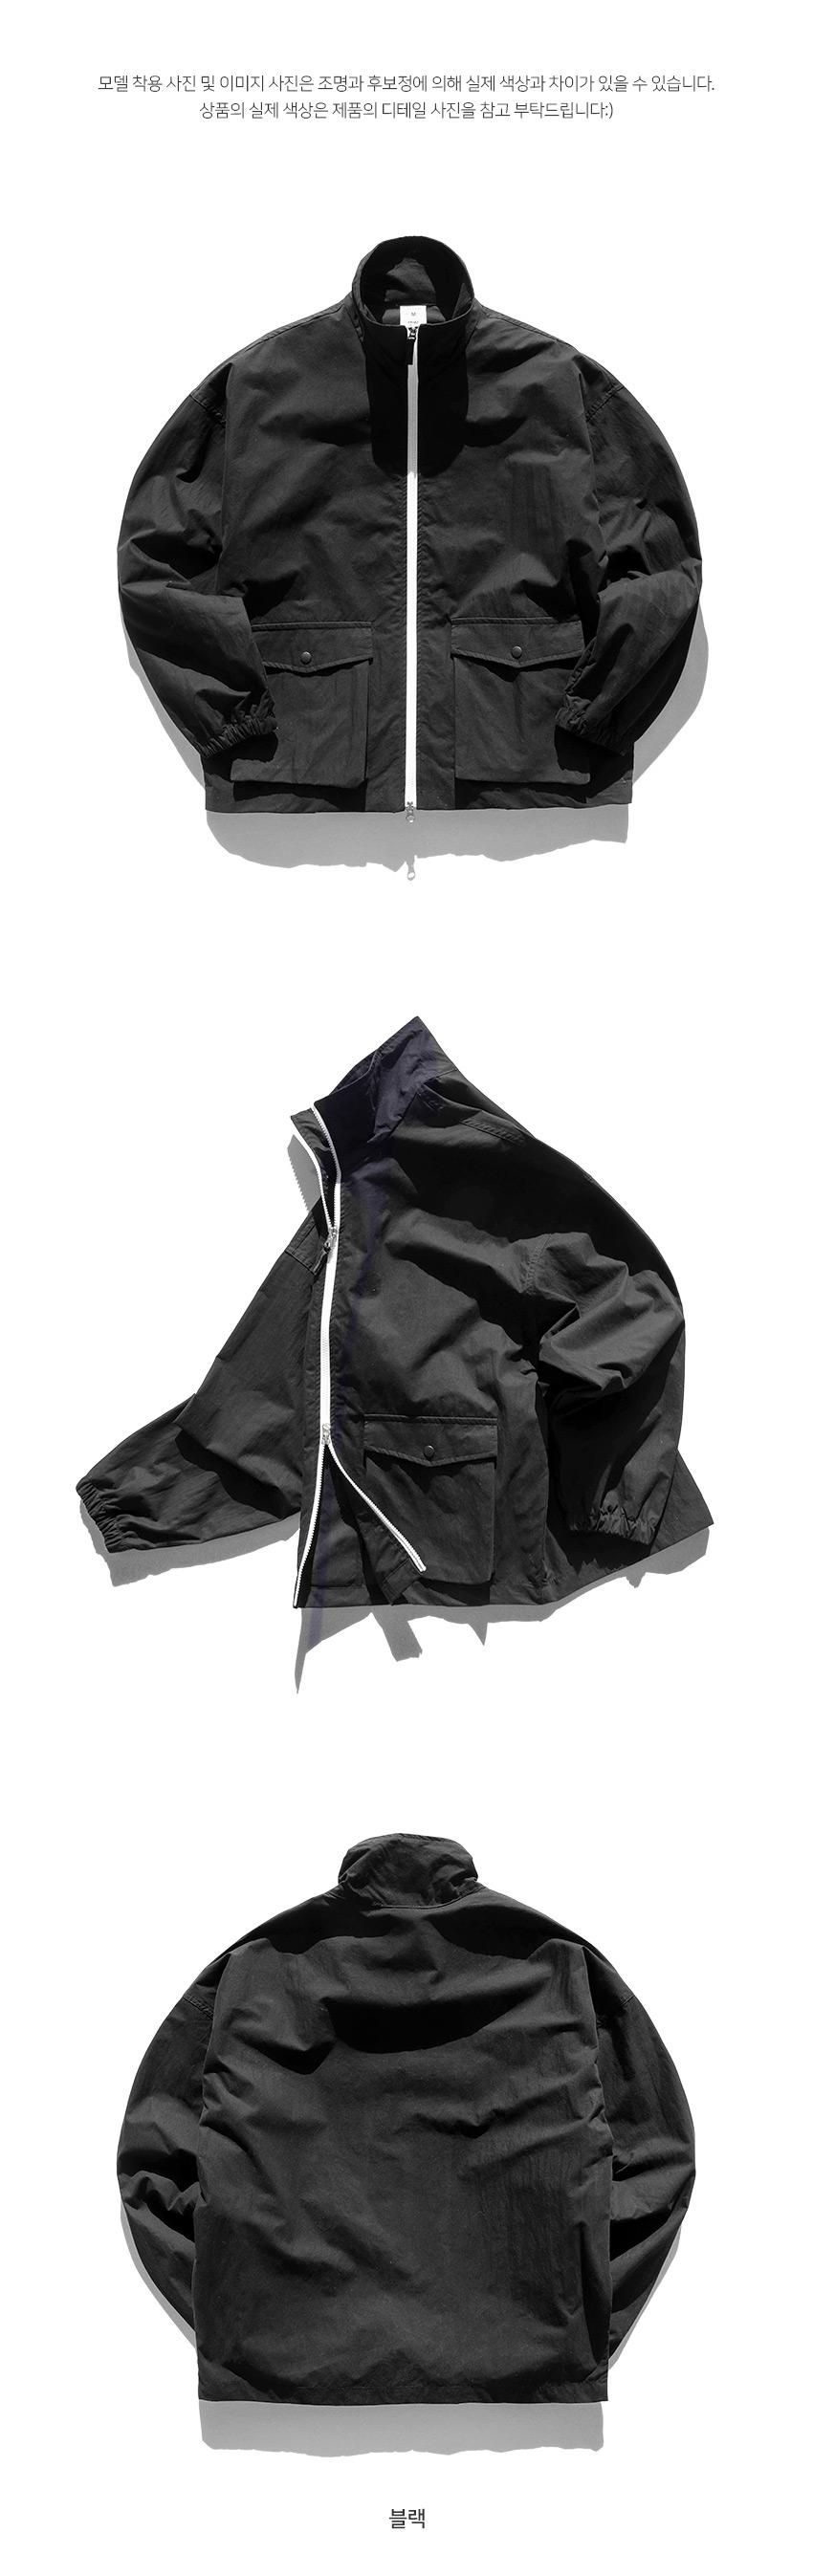 [페플] 워드메이드 자켓 5종 블랙 KHOT1212